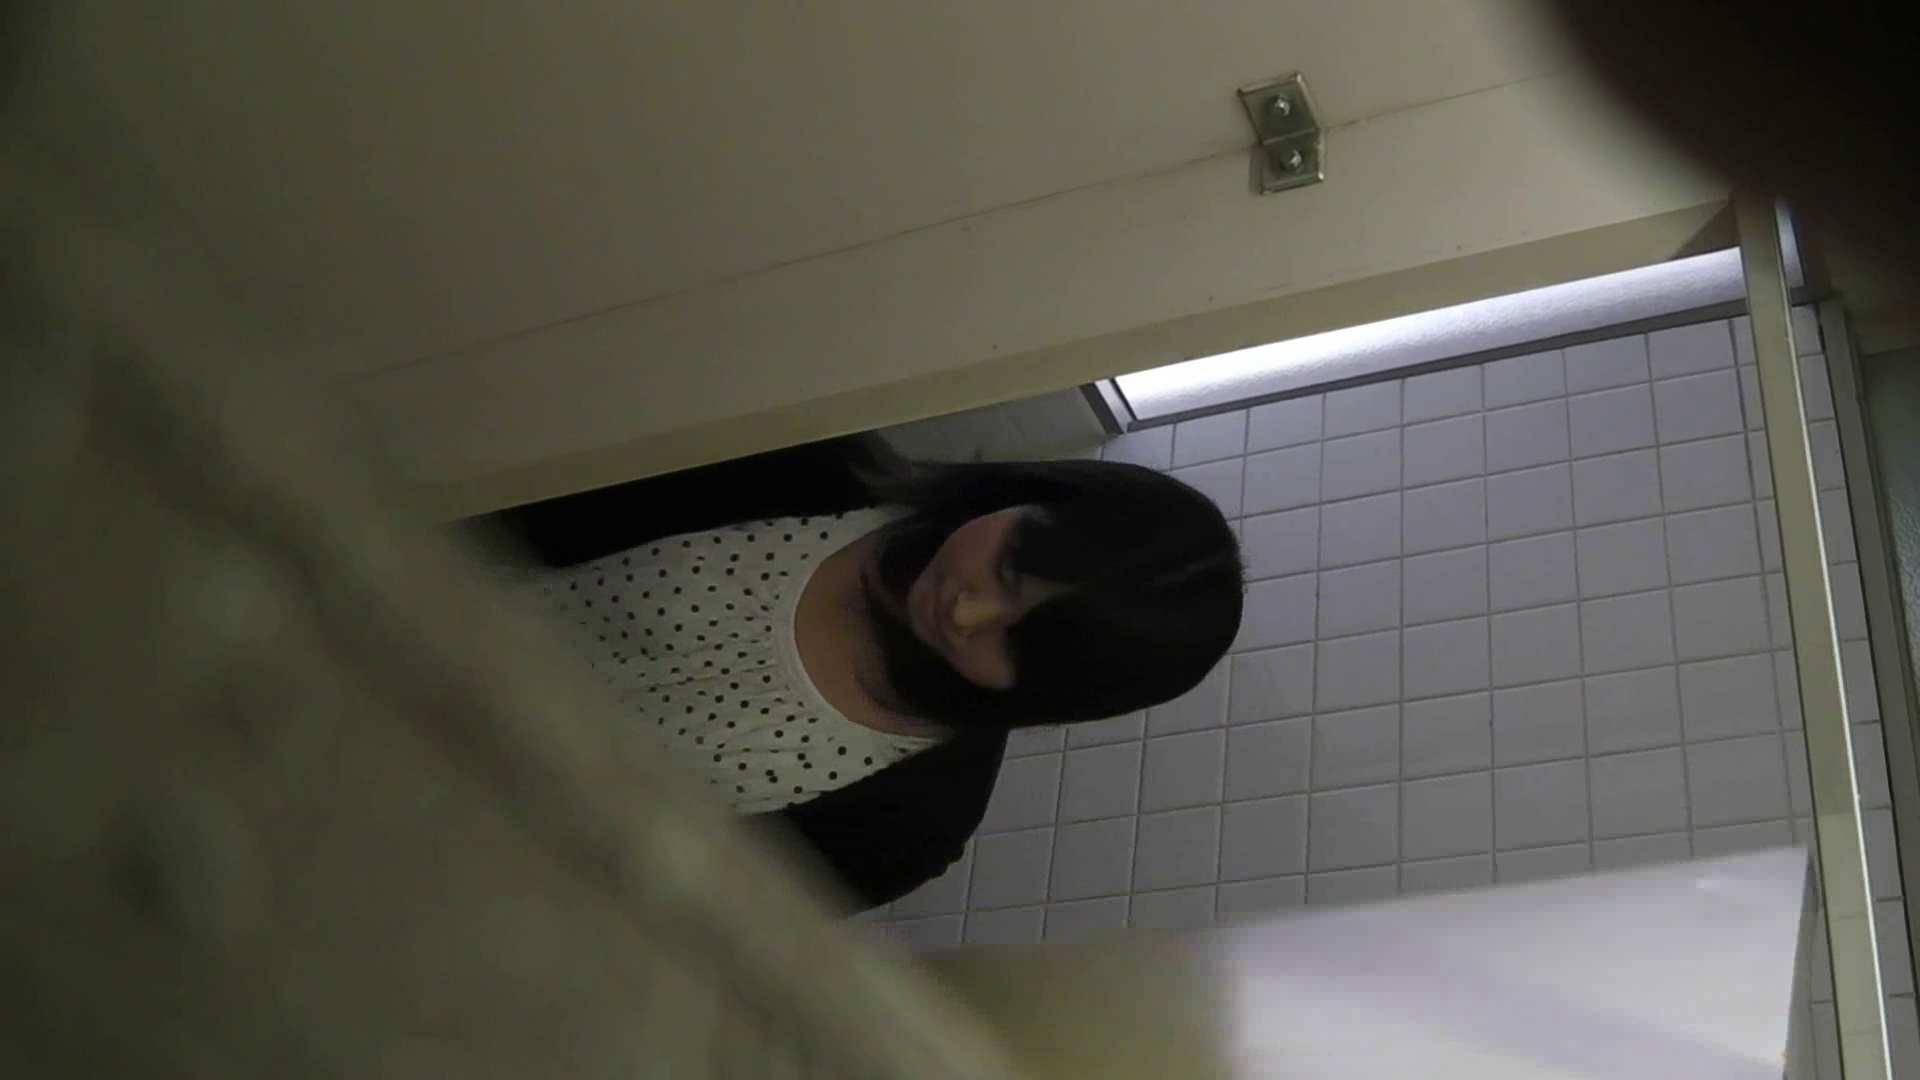 【美しき個室な世界】 vol.023 めんこい人たち 洗面所  100pic 42